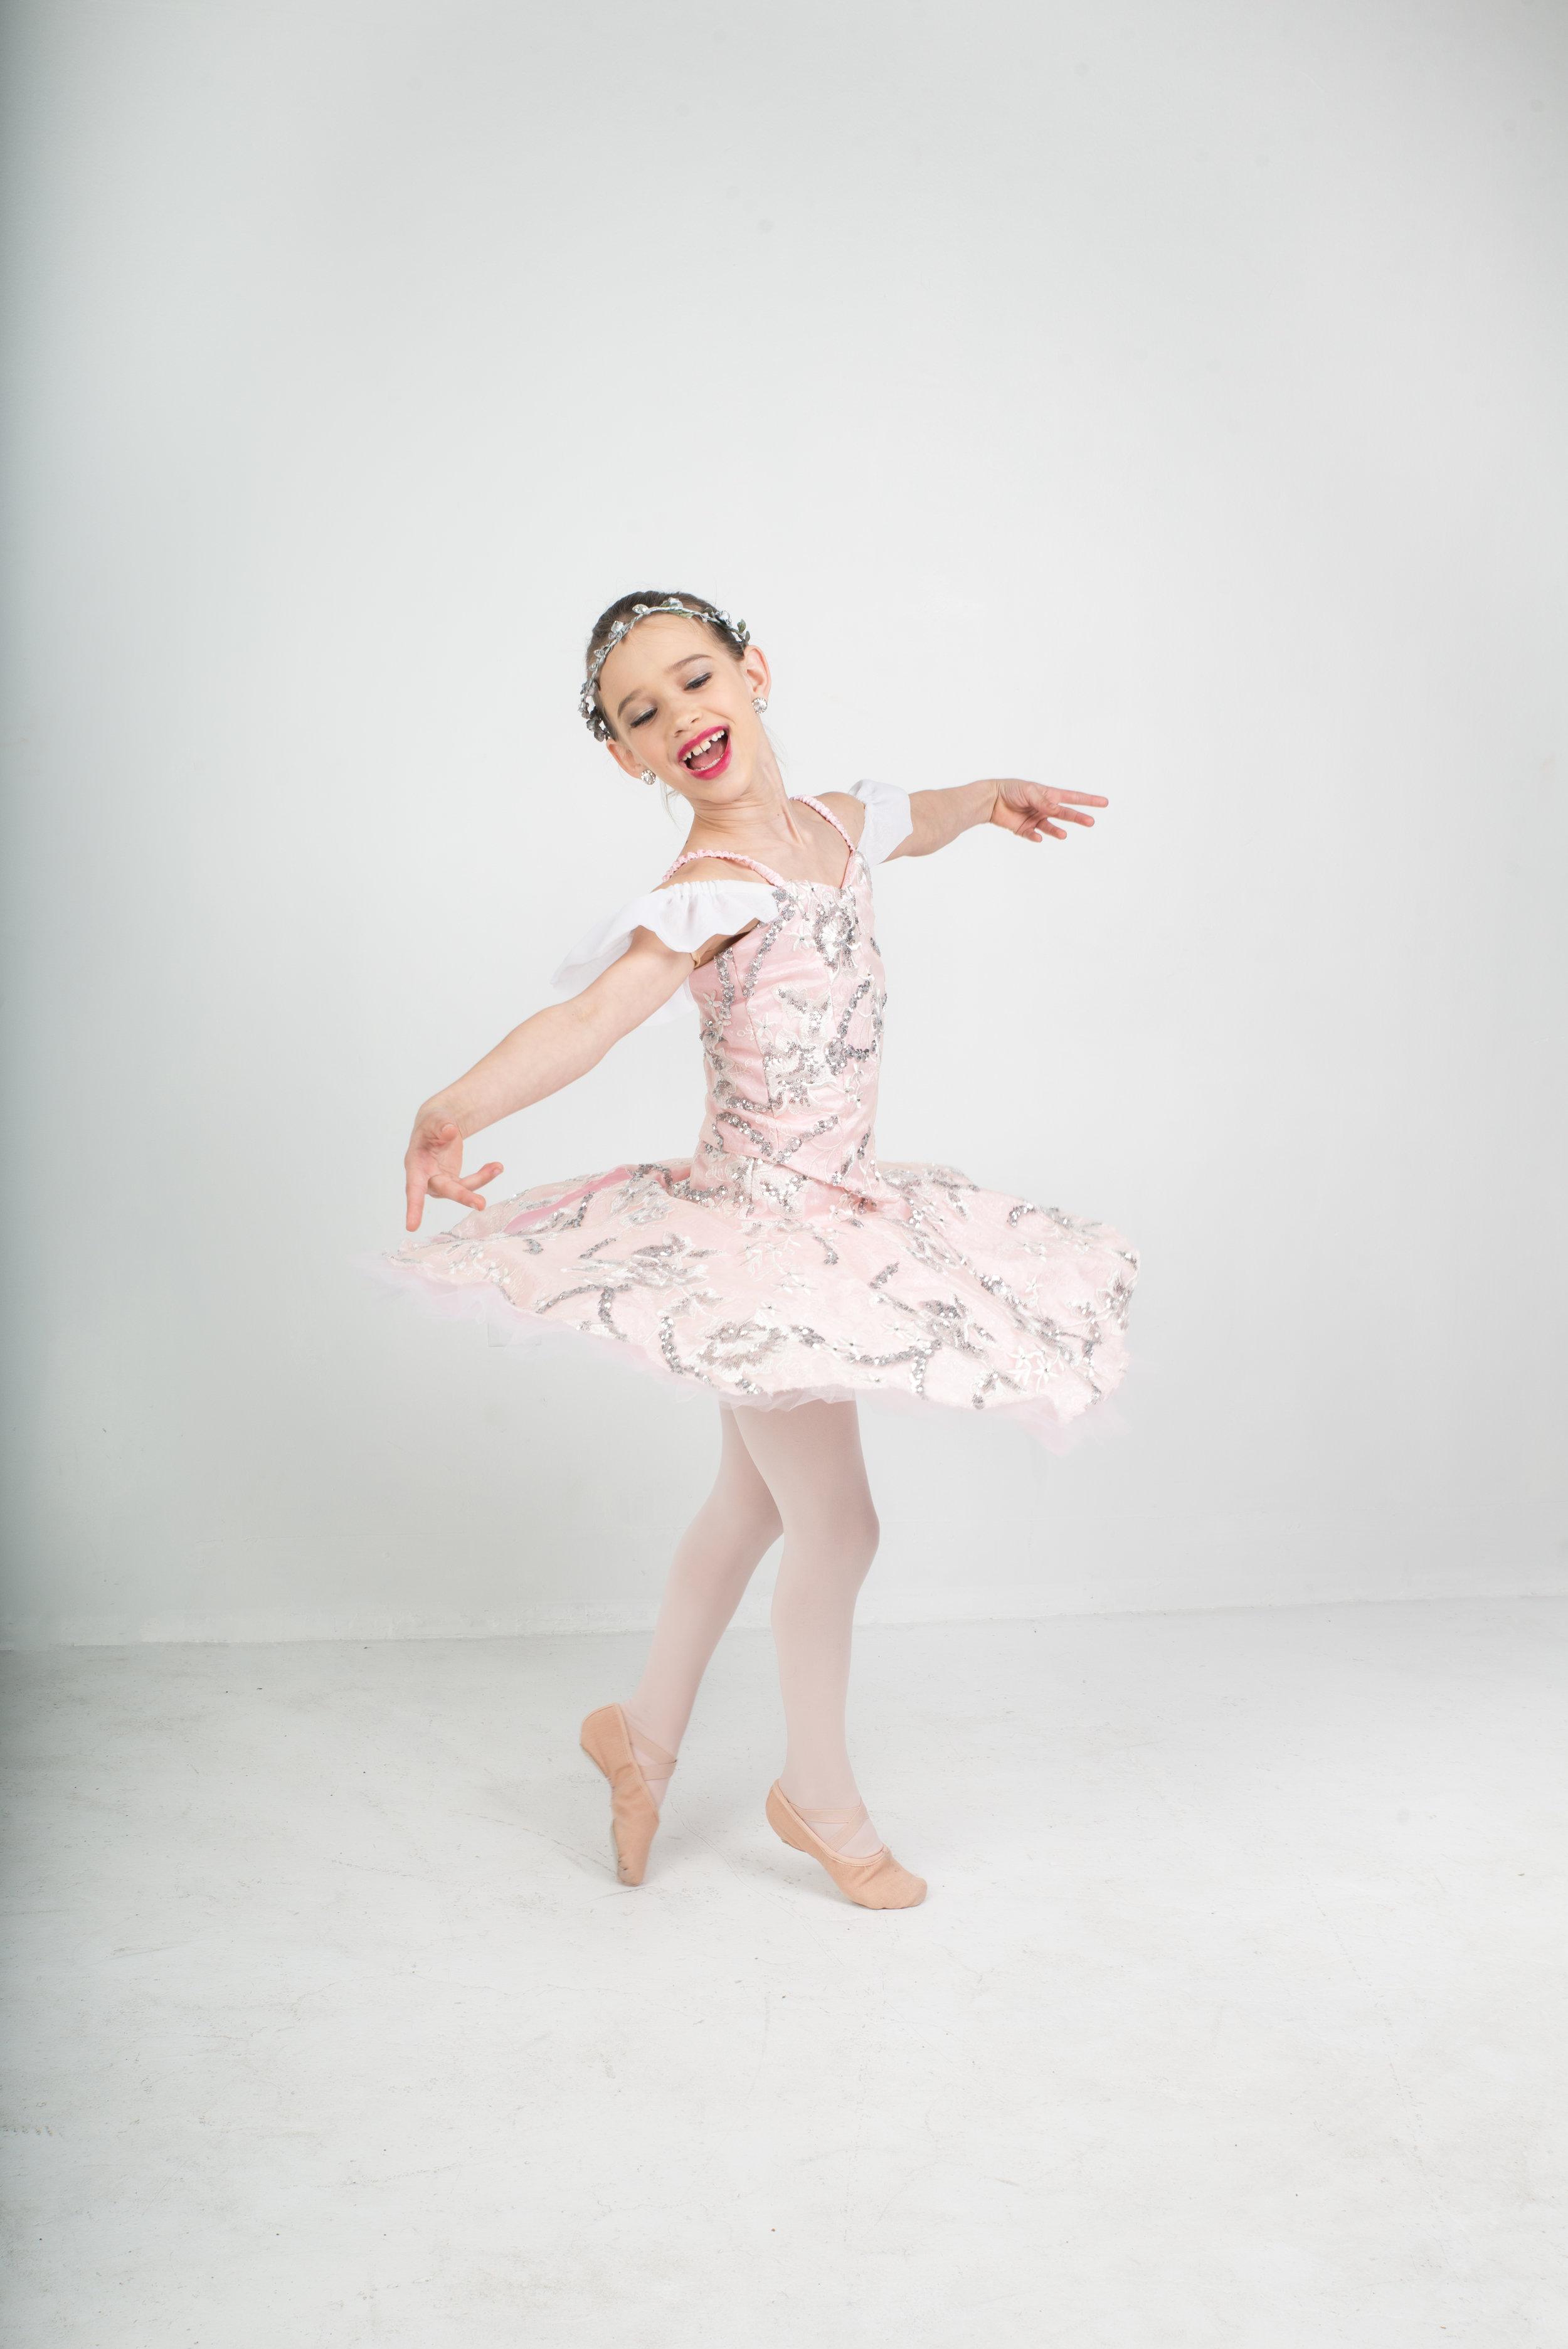 MN ballerina